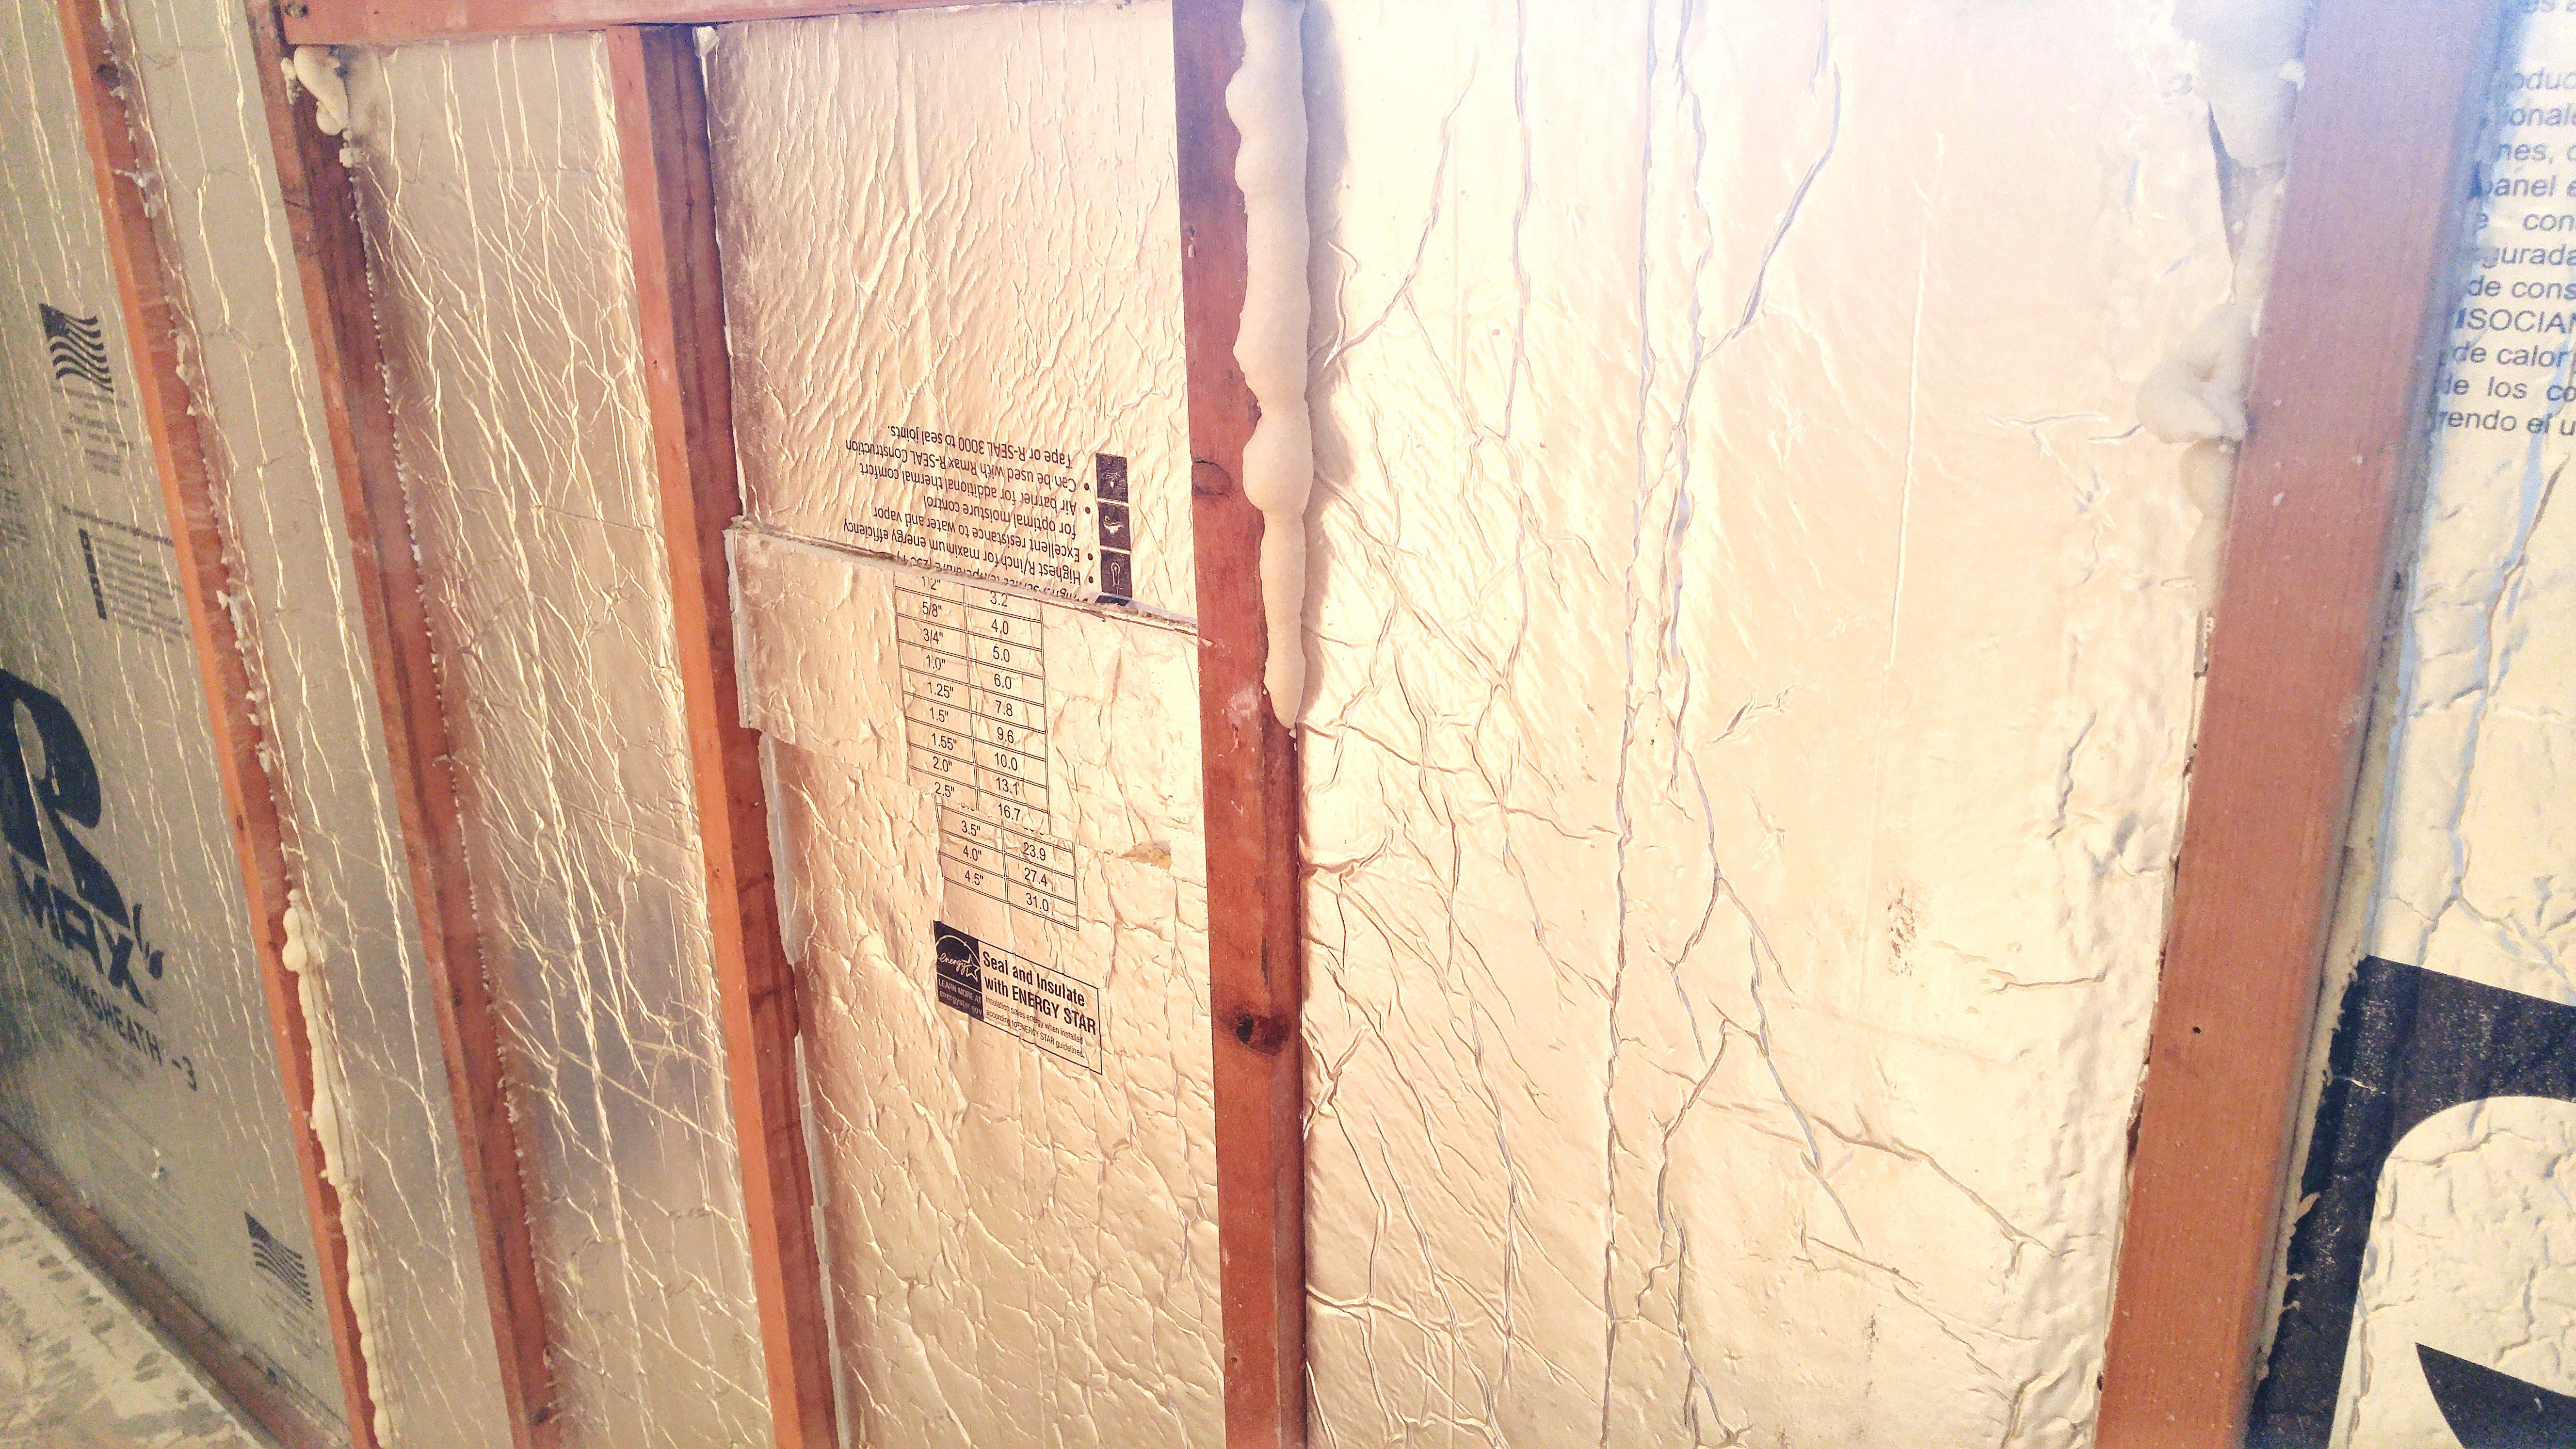 Insulate Between Walls With Rigid Foam